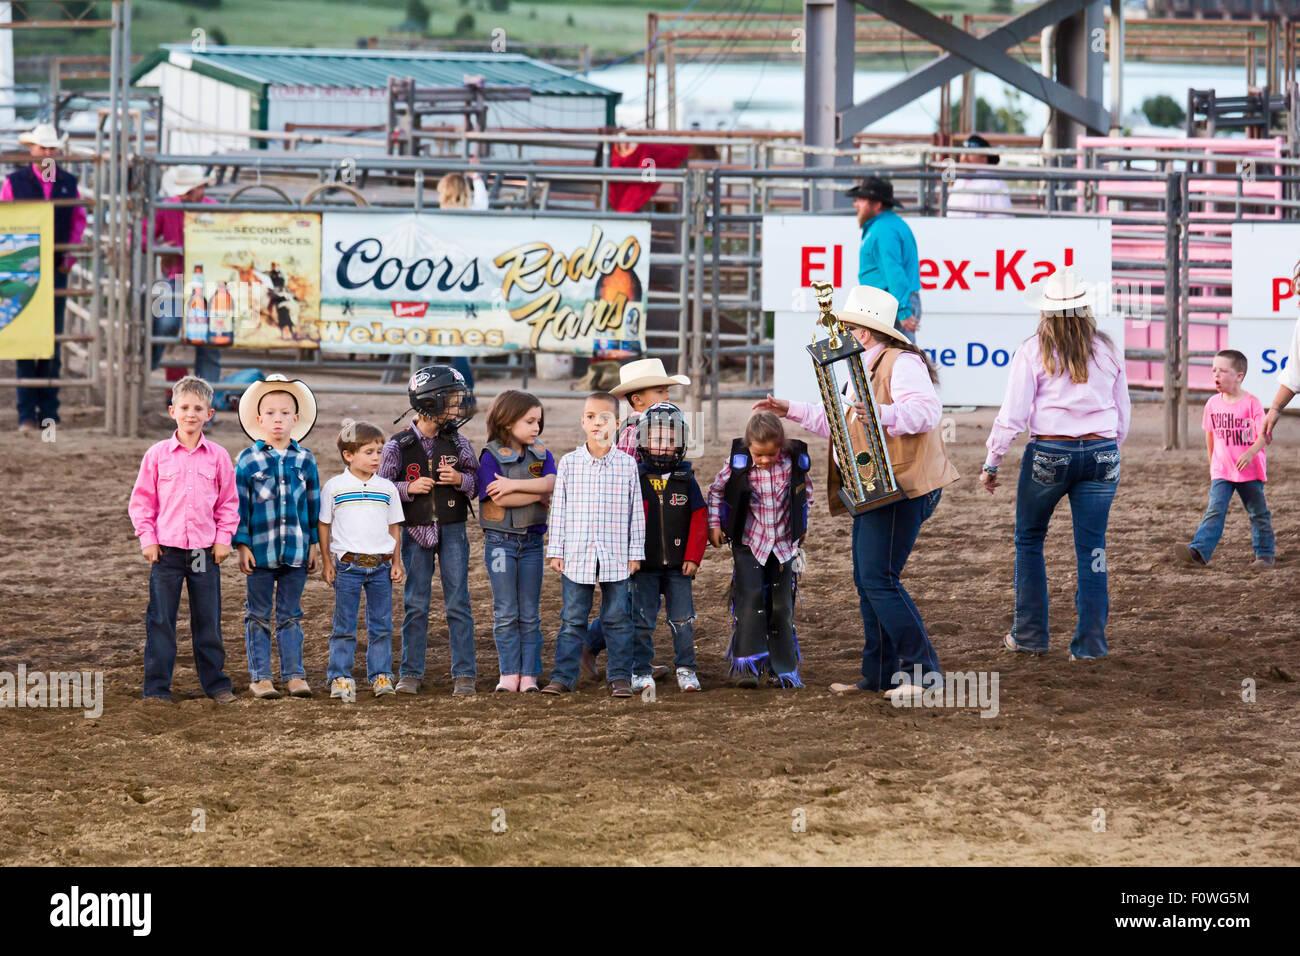 En Estes Park, Colorado - Un funcionario en el Rodeo de la azotea posee un trofeo para el carnero bustin' ganador. Imagen De Stock